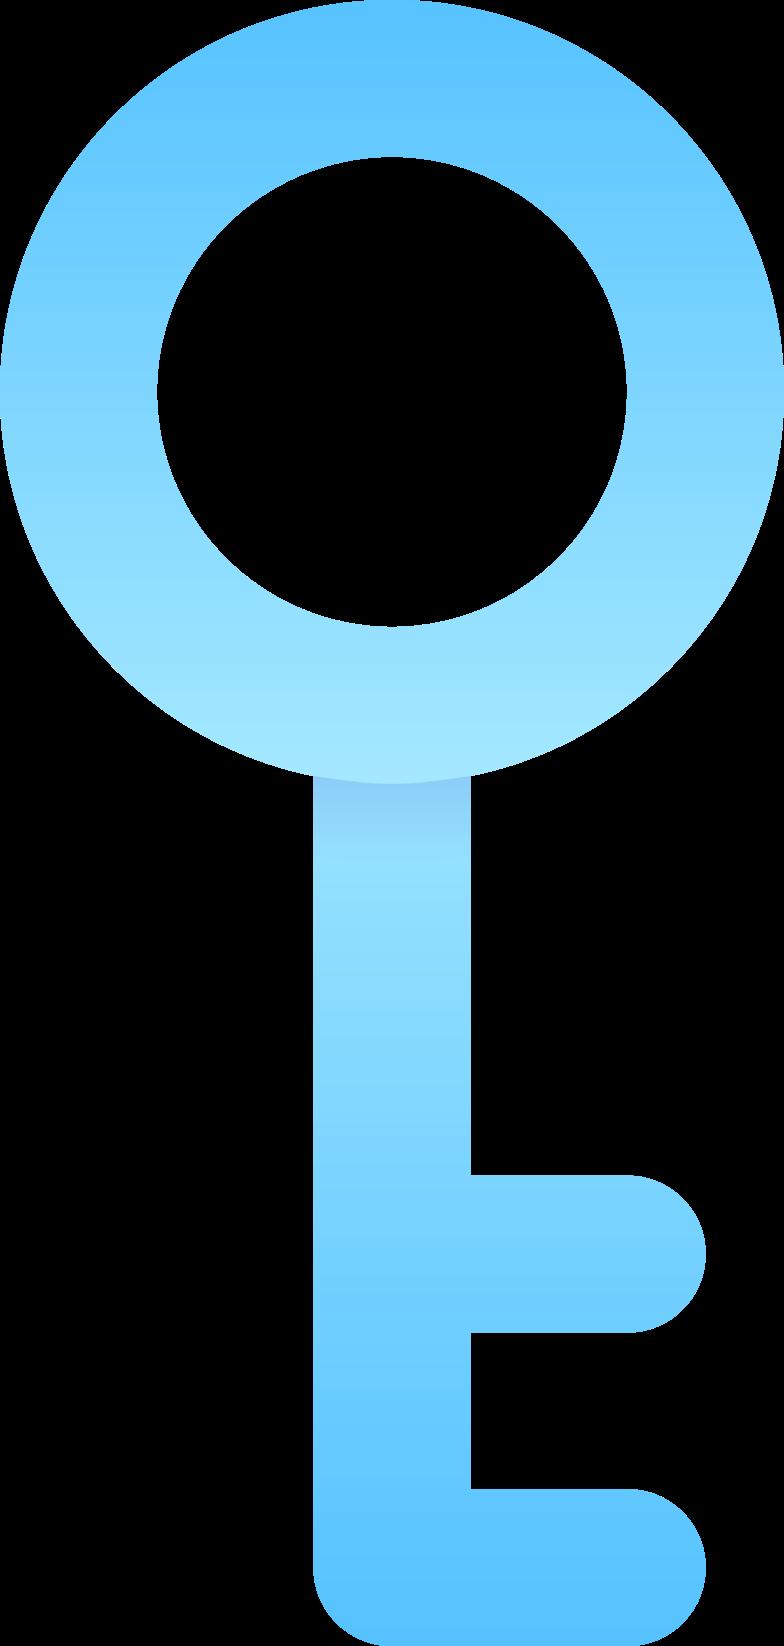 key Clipart illustration in PNG, SVG